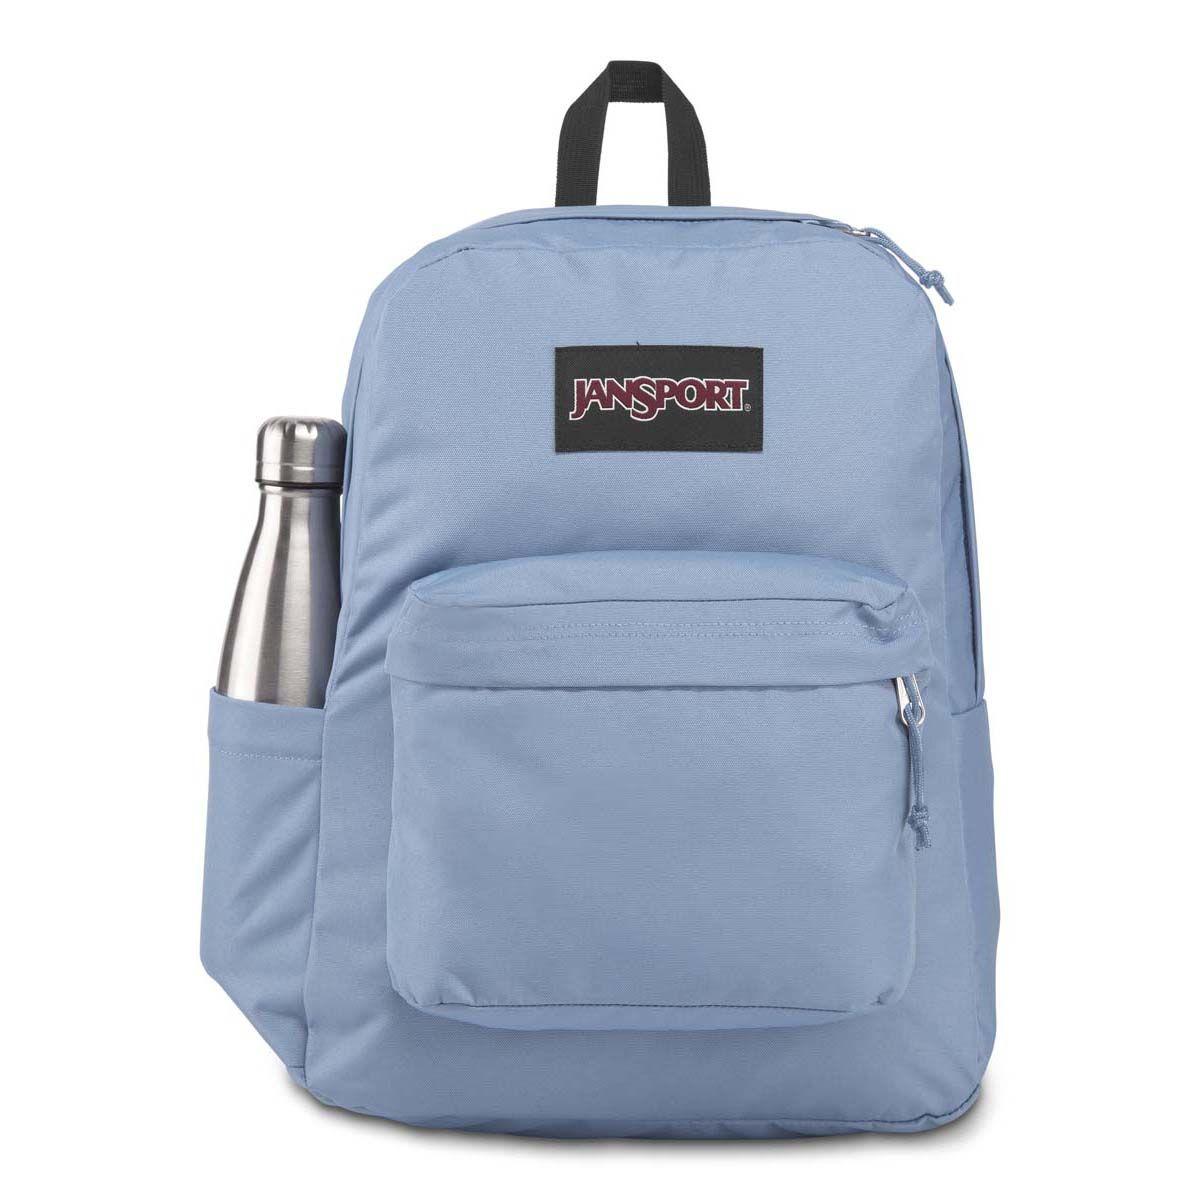 JanSport SuperBreak® Plus Laptop Backpack in Blue Agave